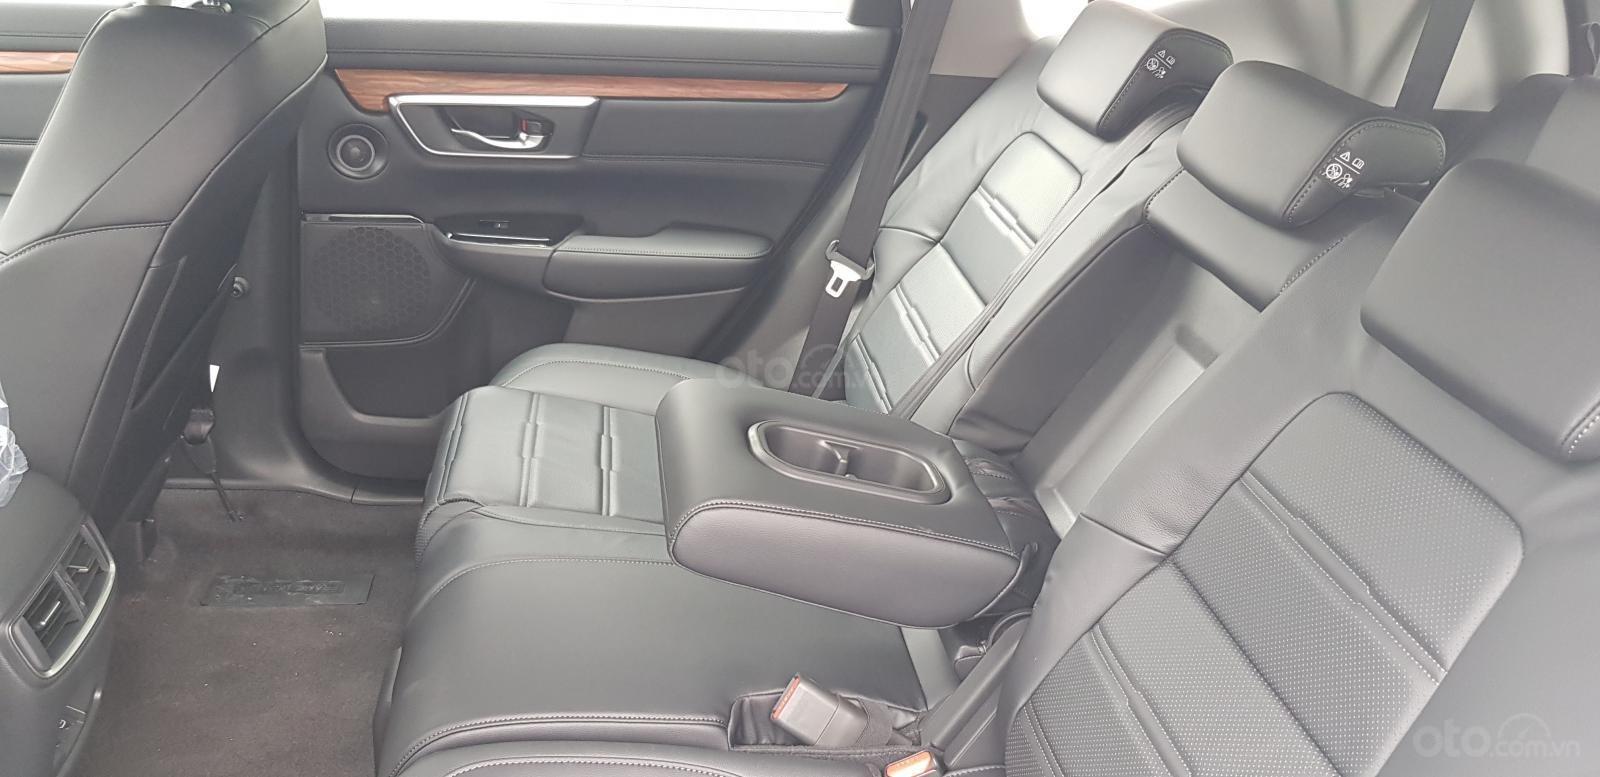 [Honda ô tô Hải Phòng] bán xe Honda CR-V 1.5G - Giá tốt nhất - Hotline: 094.964.1093 (6)